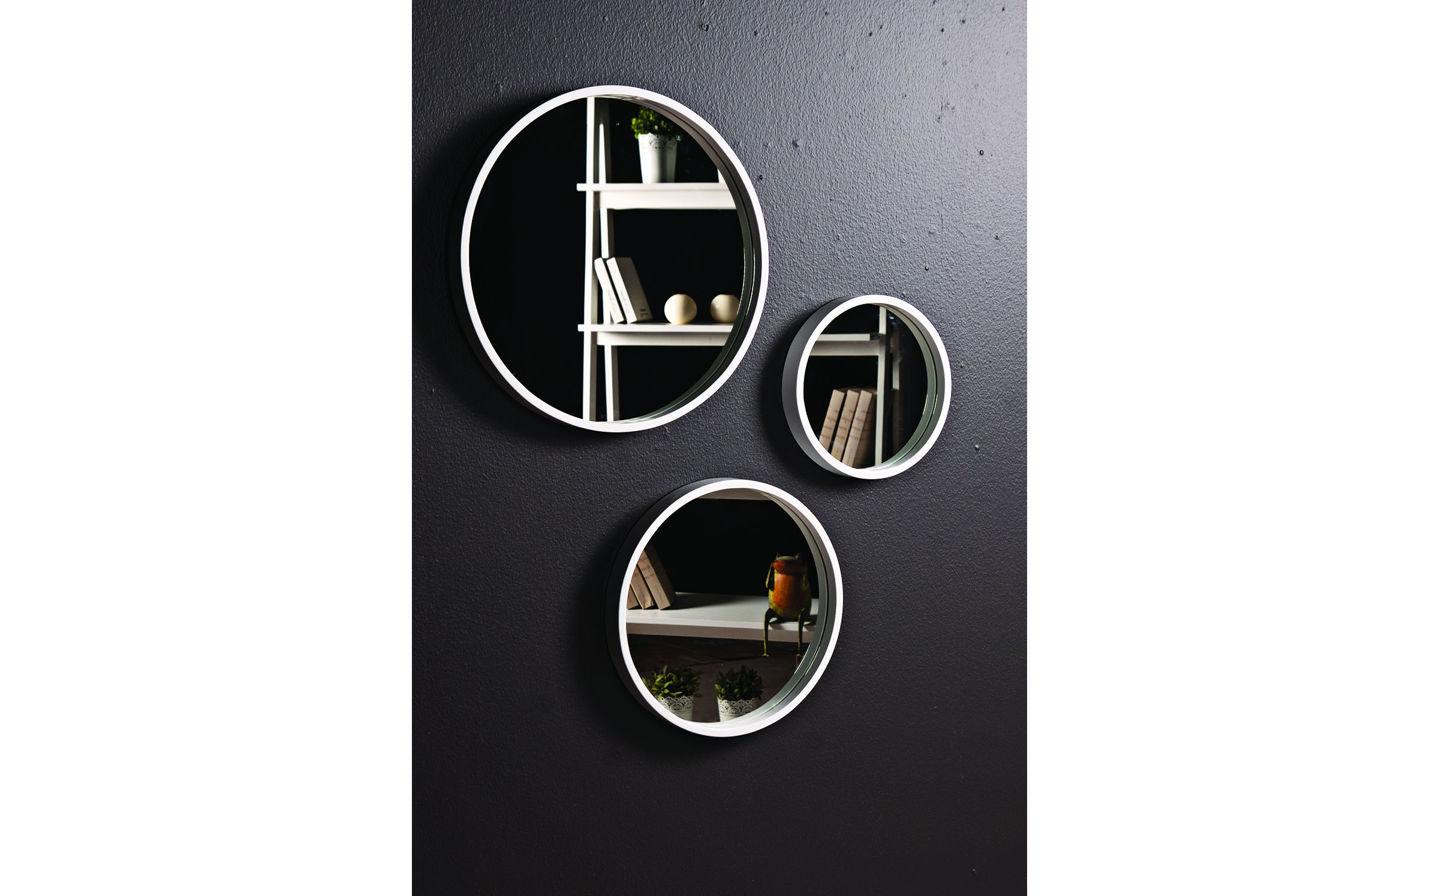 Luna Dekoratif Ayna 3'lü Takım Beyaz